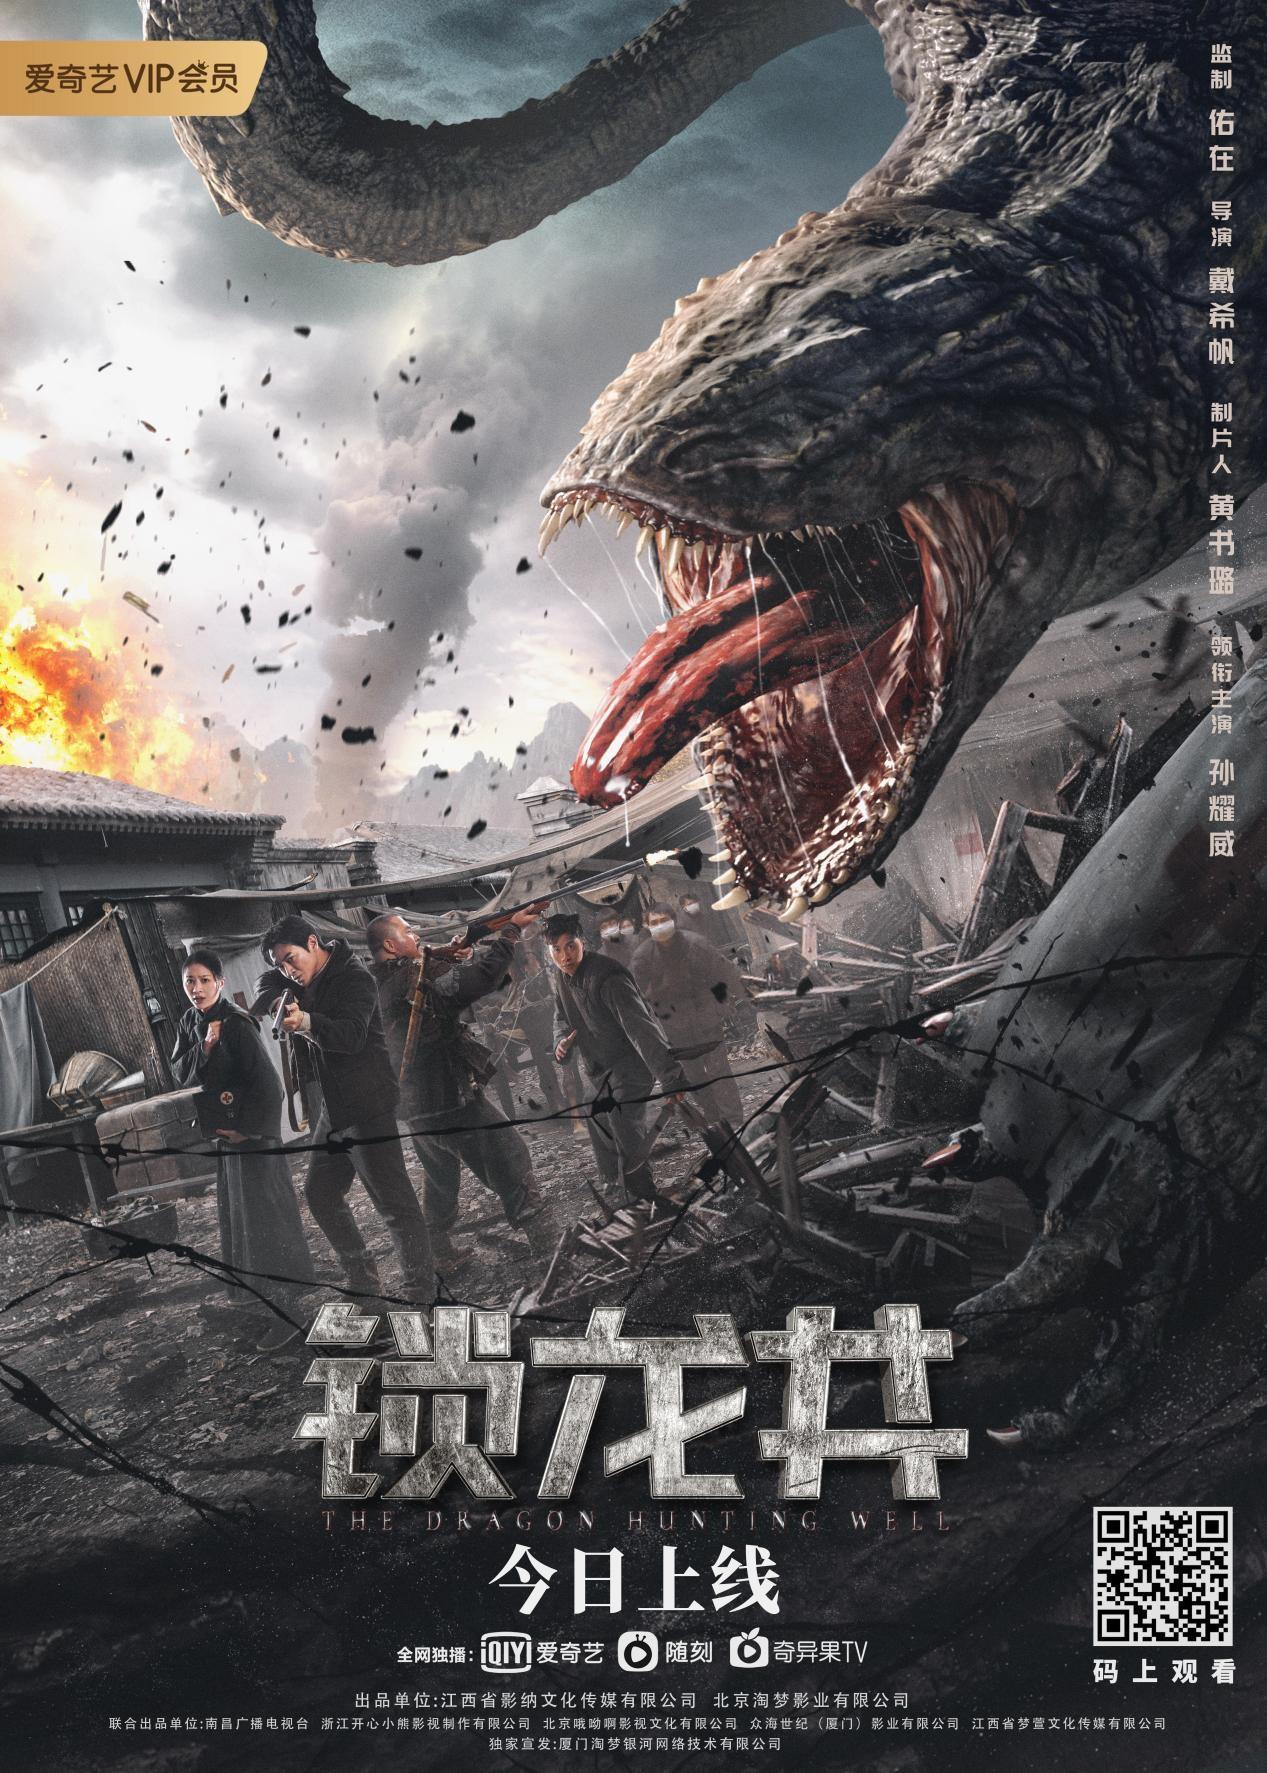 电影《锁龙井》海报.jpg